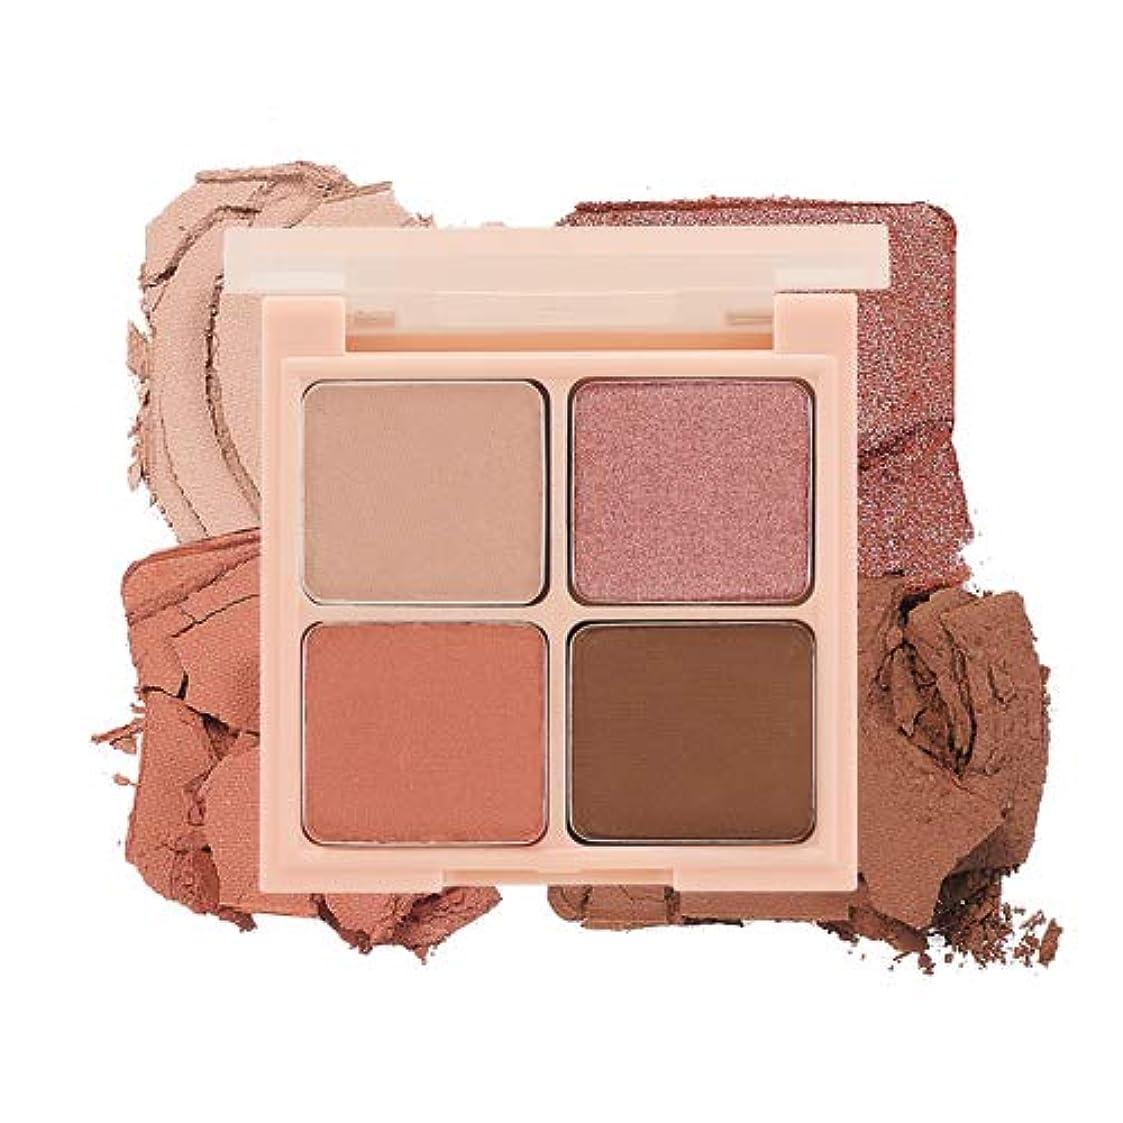 可能にする大きなスケールで見ると名義で新2019 S/S ホリカホリカ 4色アイシャドウパレット (#06 ピーナッツコーラル) / HOLIKA Eyeshadow Palette (#06 Peanut Coral) 韓国コスメ [並行輸入品]